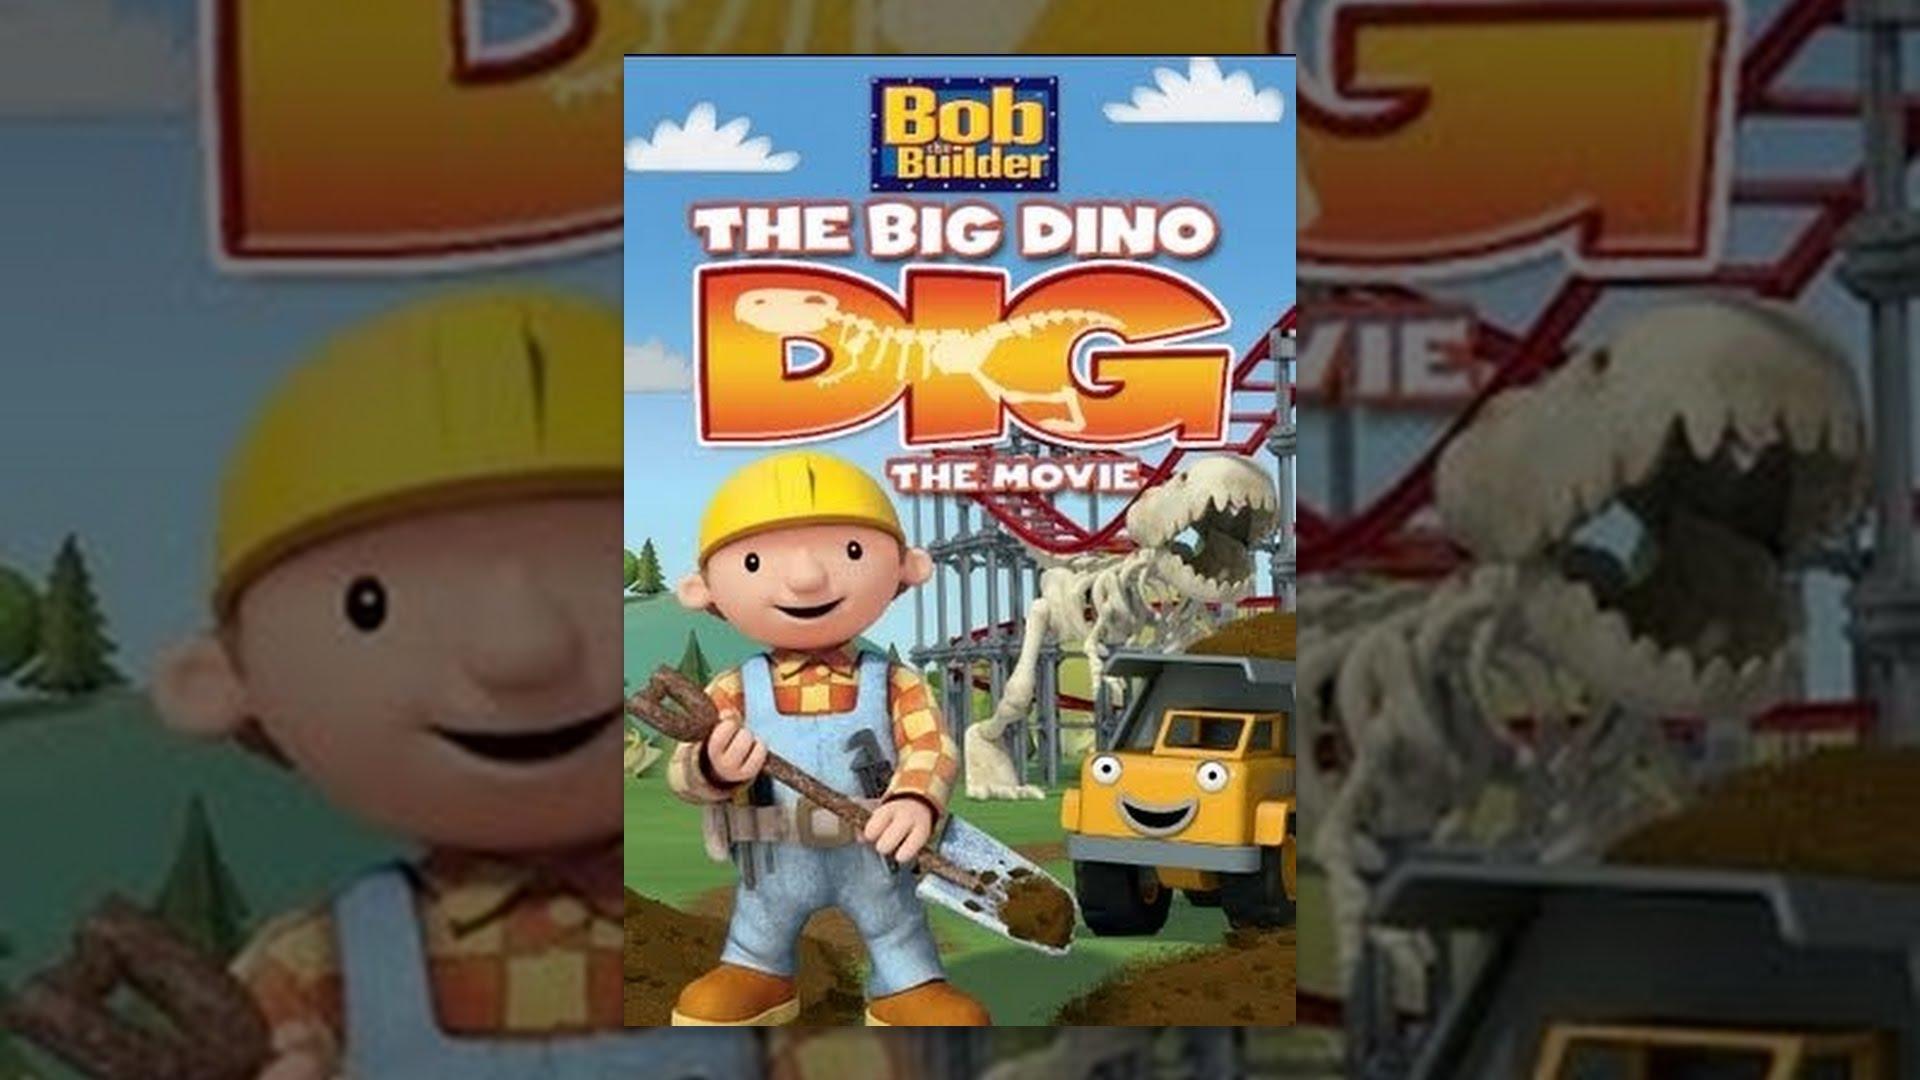 Bob the builder live online dvd rental - Bob The Builder Big Dino Dig